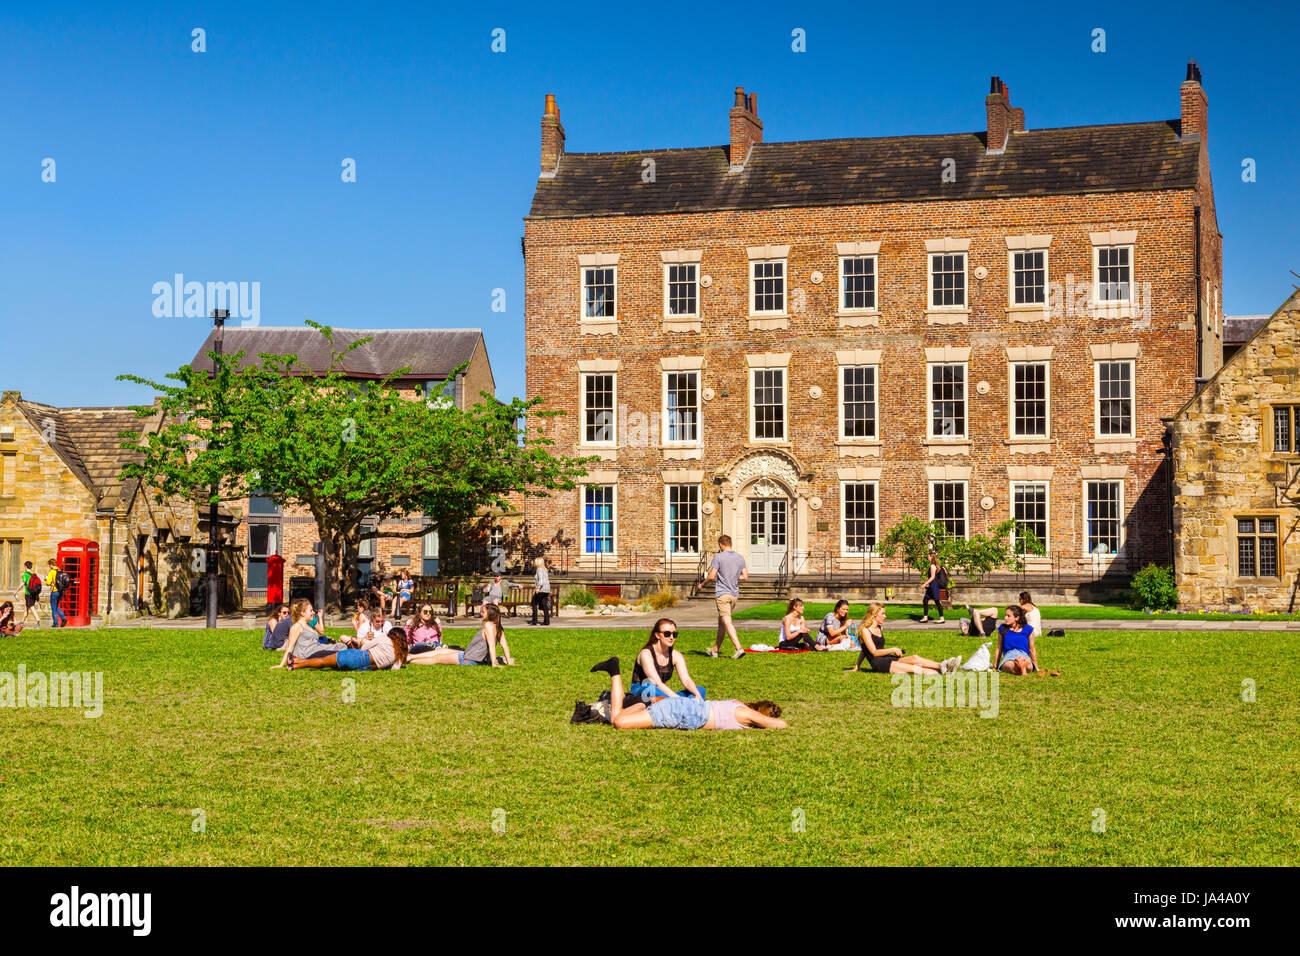 25 Maggio 2017: Durham City, England, Regno Unito - studenti e turisti che si godono il sole su Palace verde. Immagini Stock